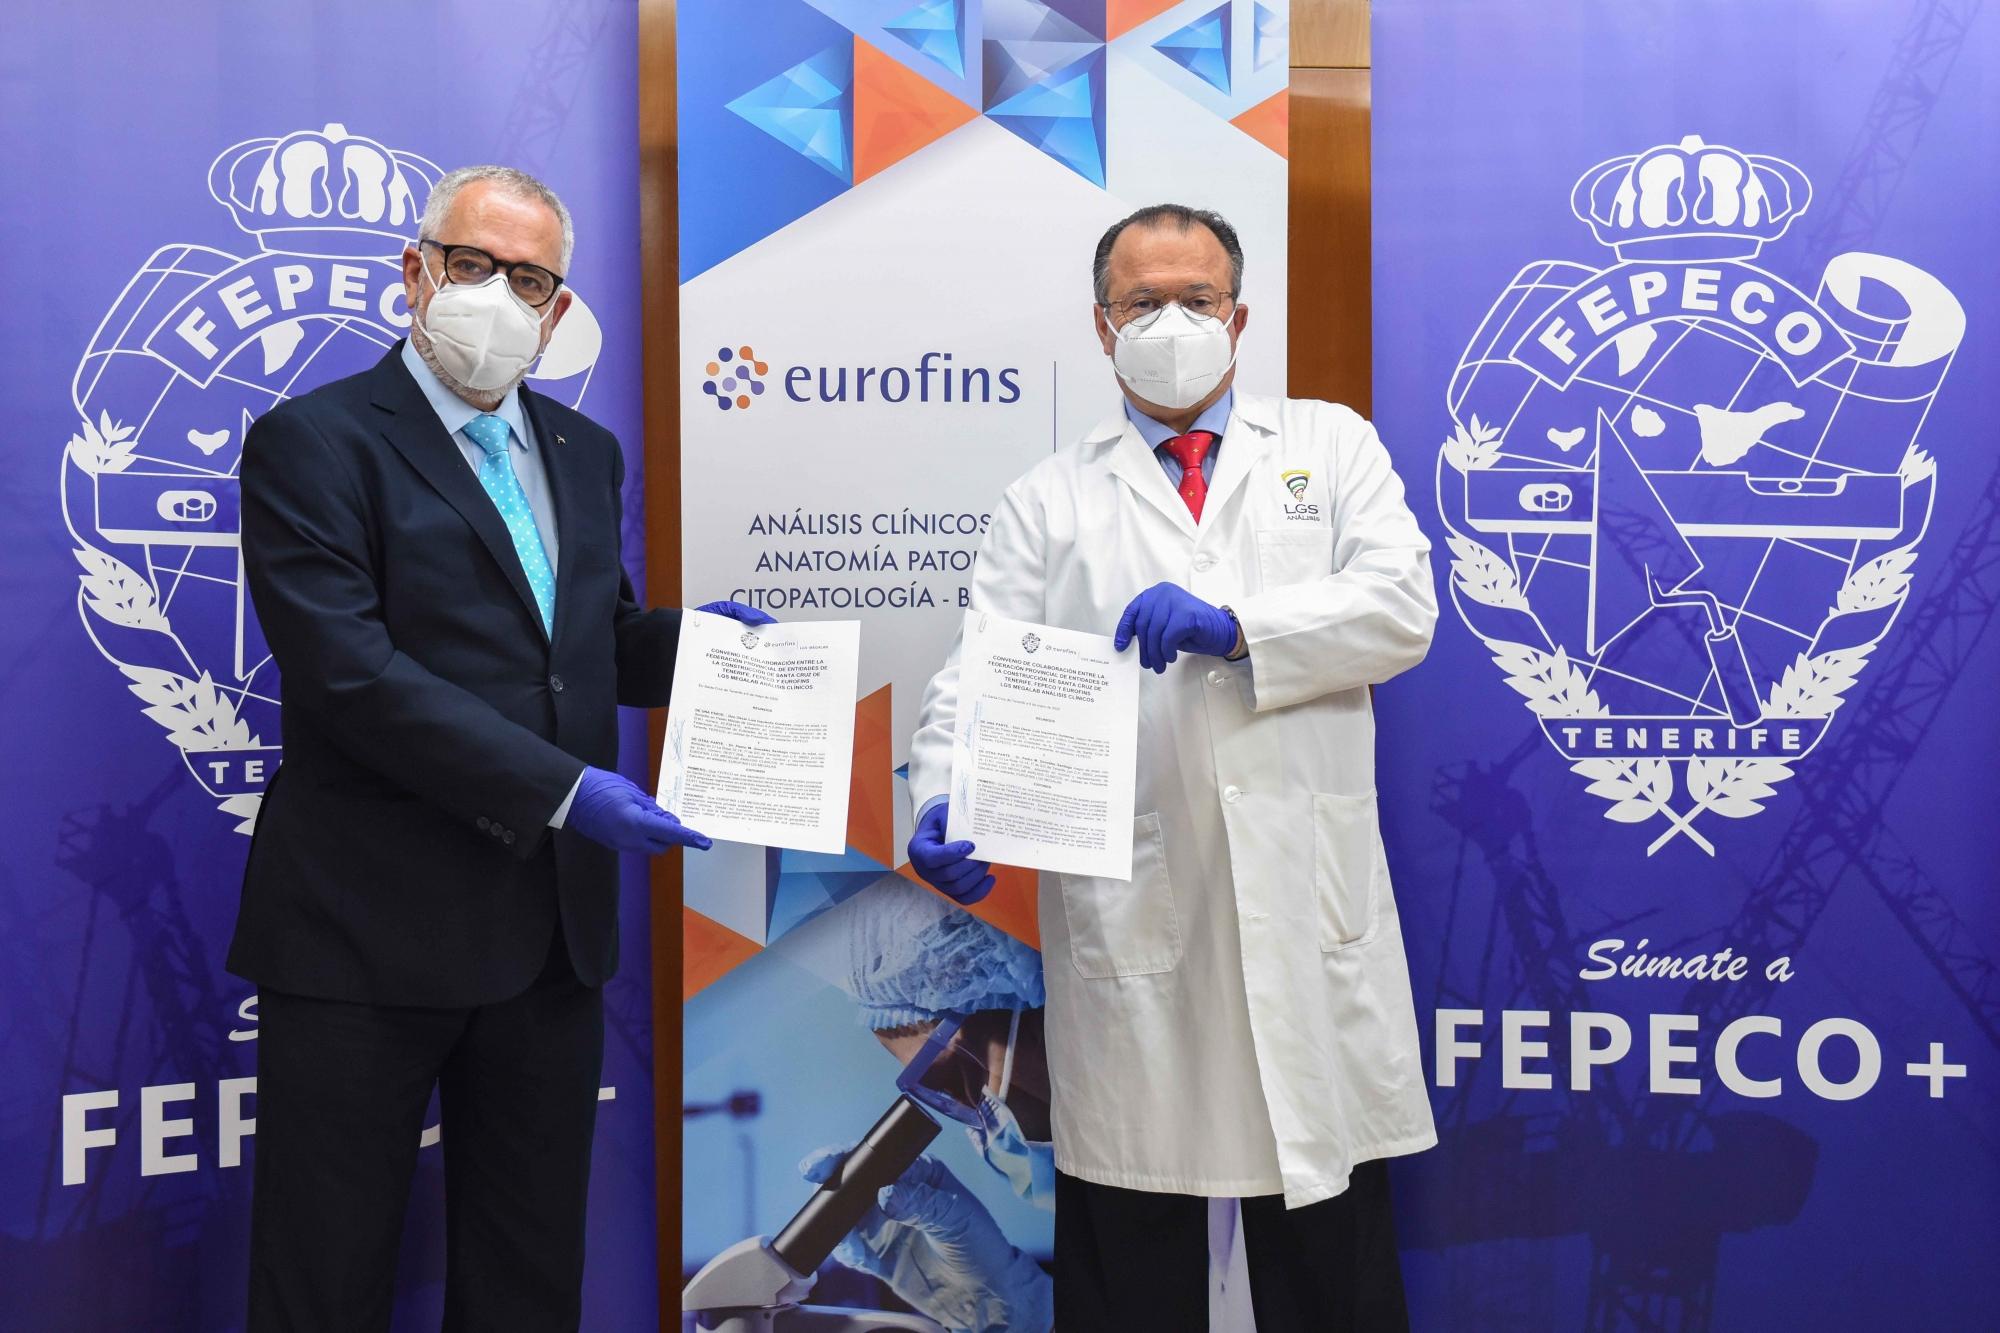 Oscar Izquierdo, presidente de FEPECO, y el Dr. Pedro González Santiago, presidente ejecutivo de EUROFINS LGS MEGALAB ANÁLISIS CLÍNICOS